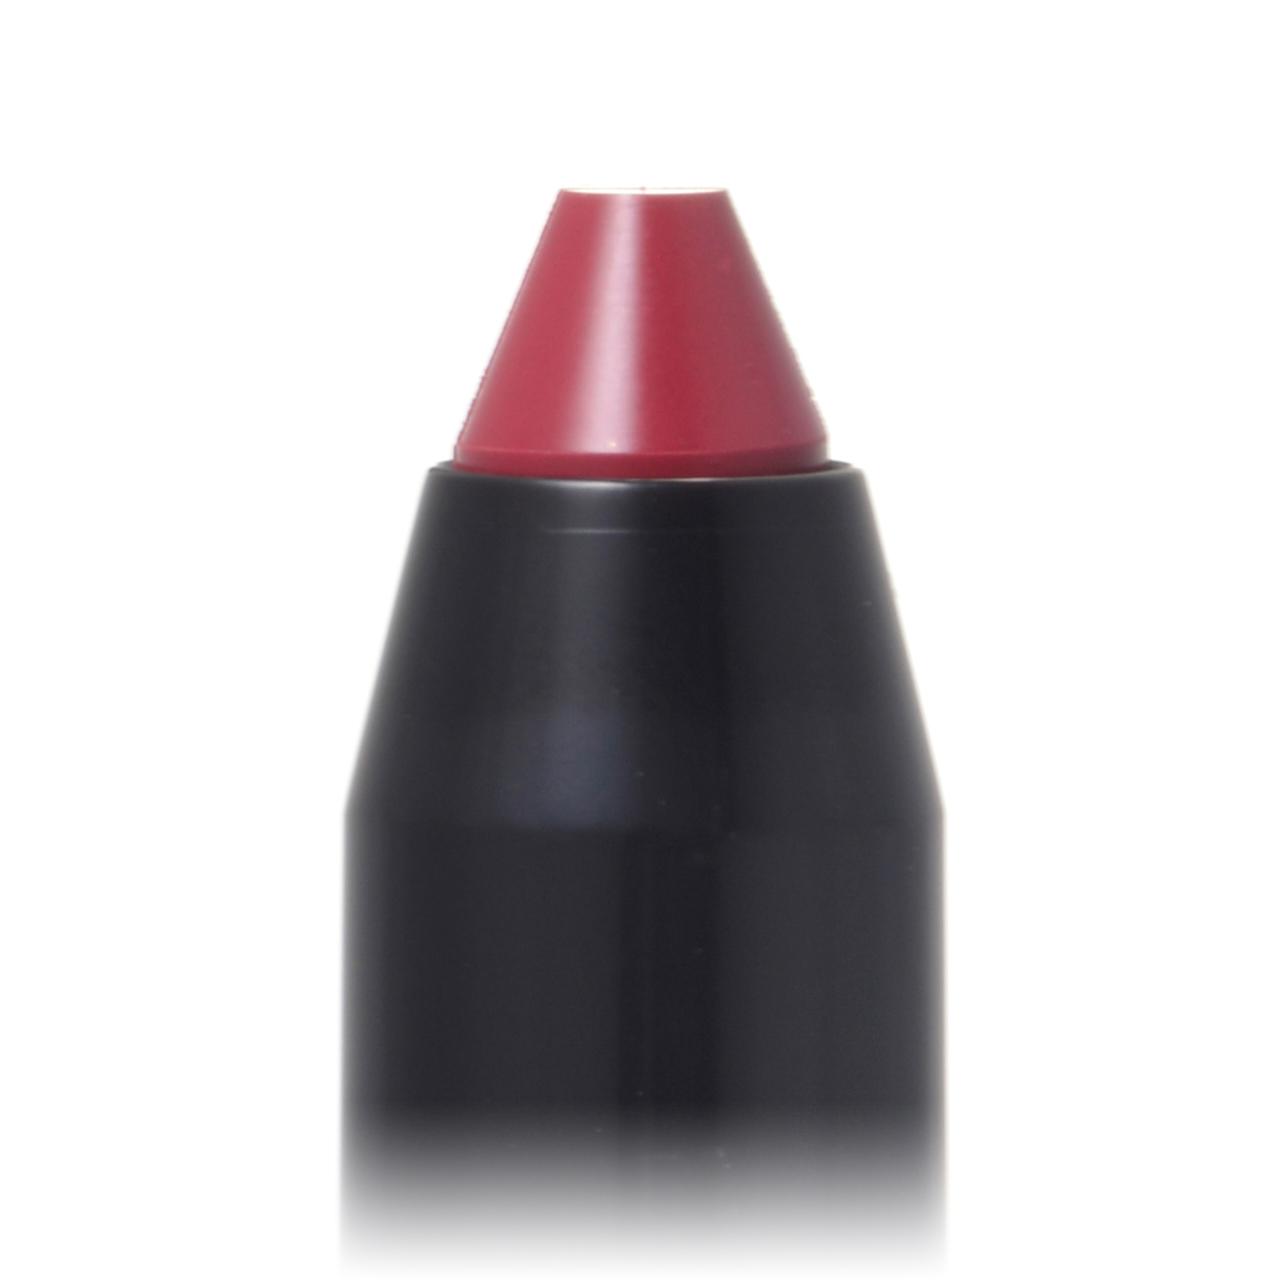 日系彩妆品牌【CANMAKE的必买产品】| 跟着买让你不再踩雷!